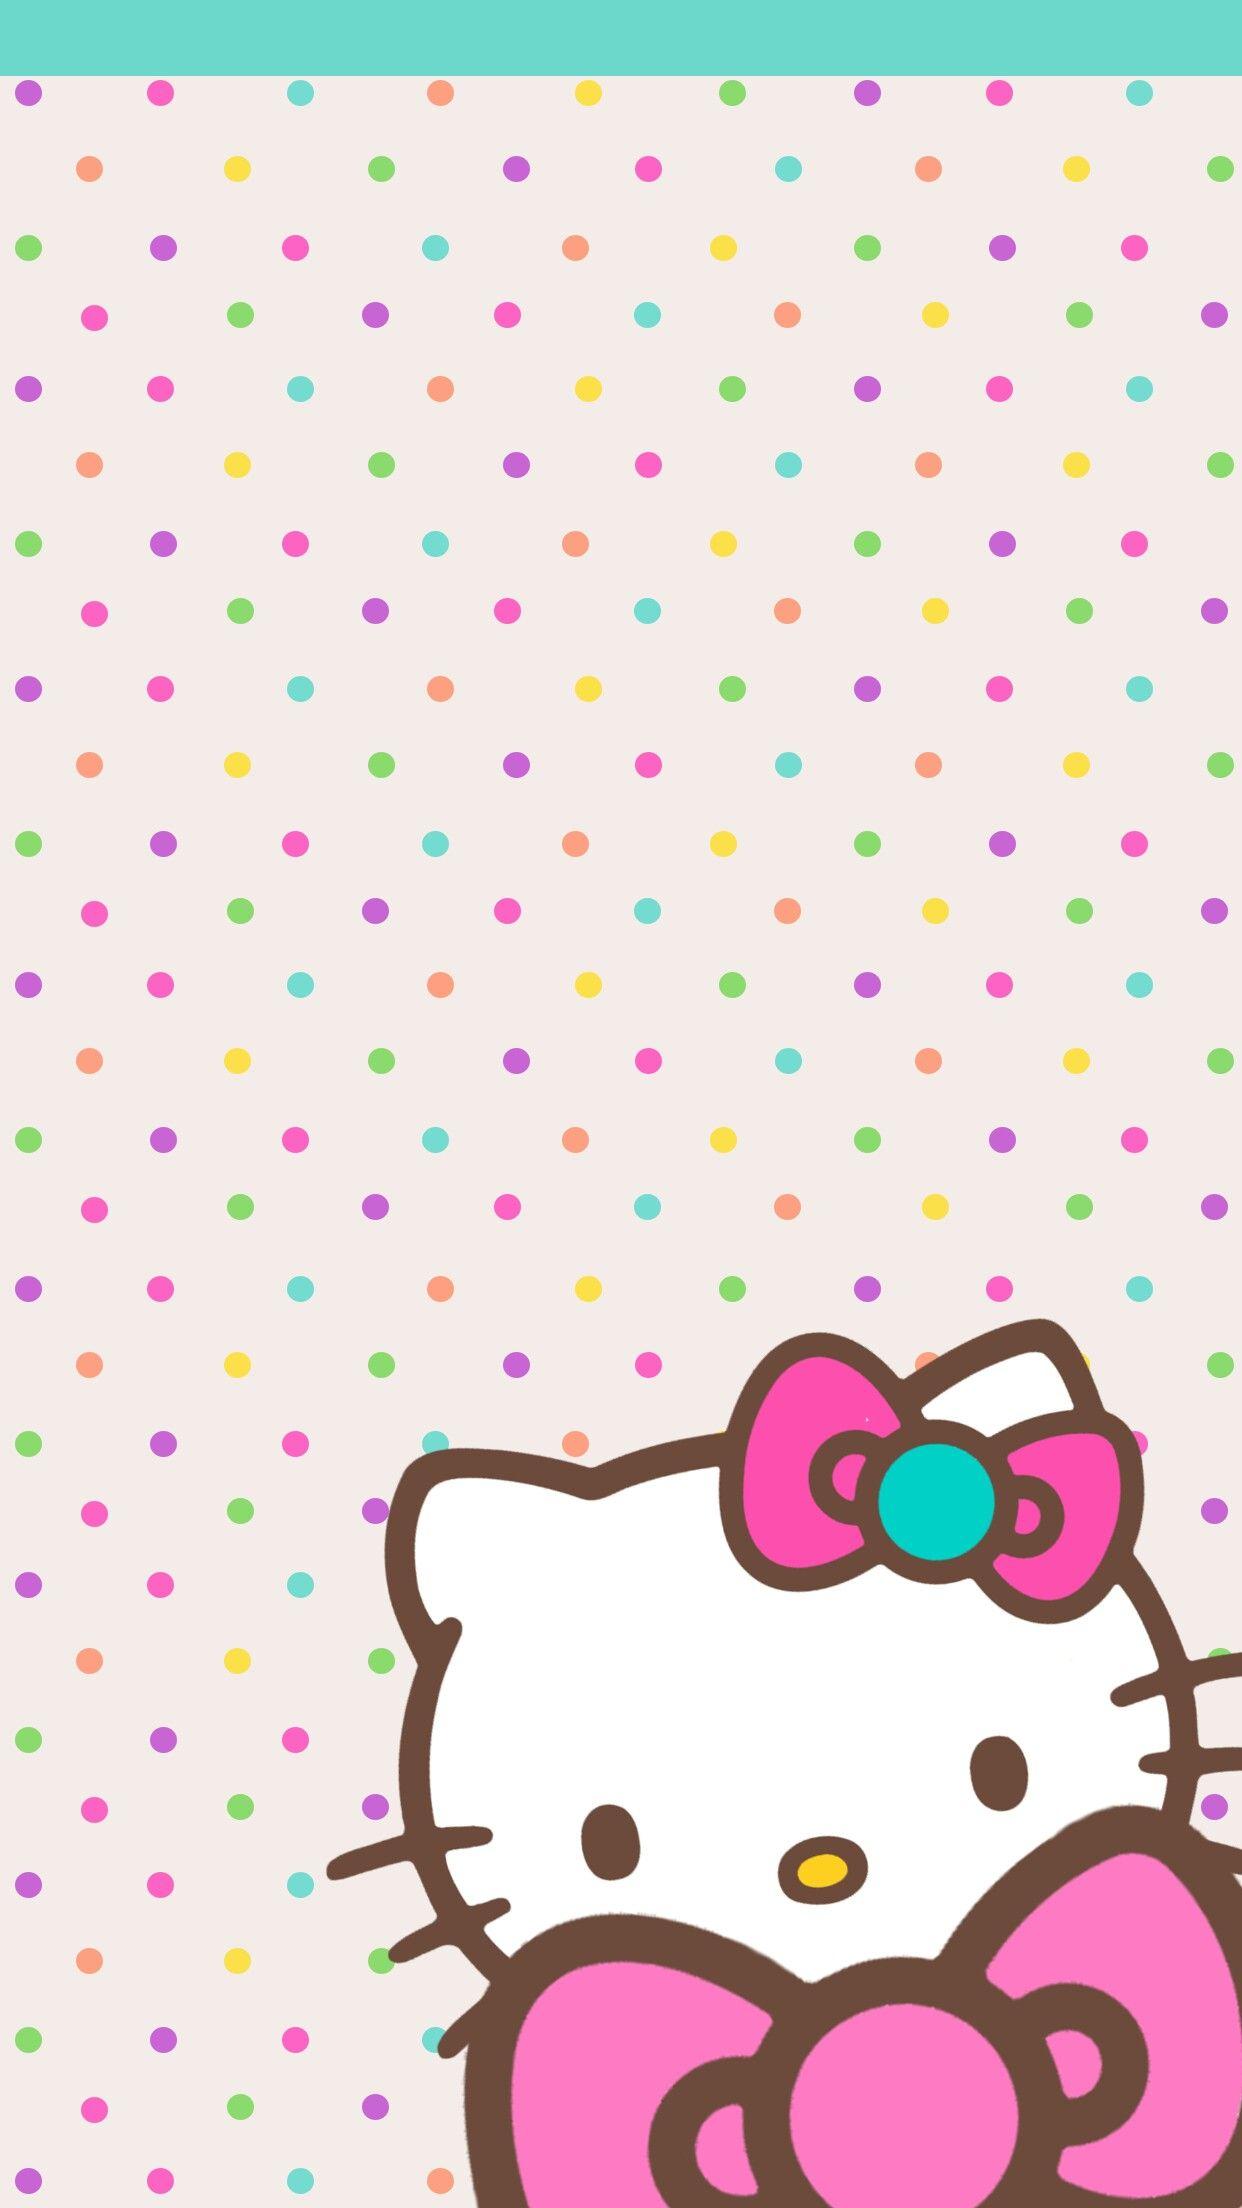 Pin de Angelmom4 en Wallz Fondos de hello kitty, Fondos